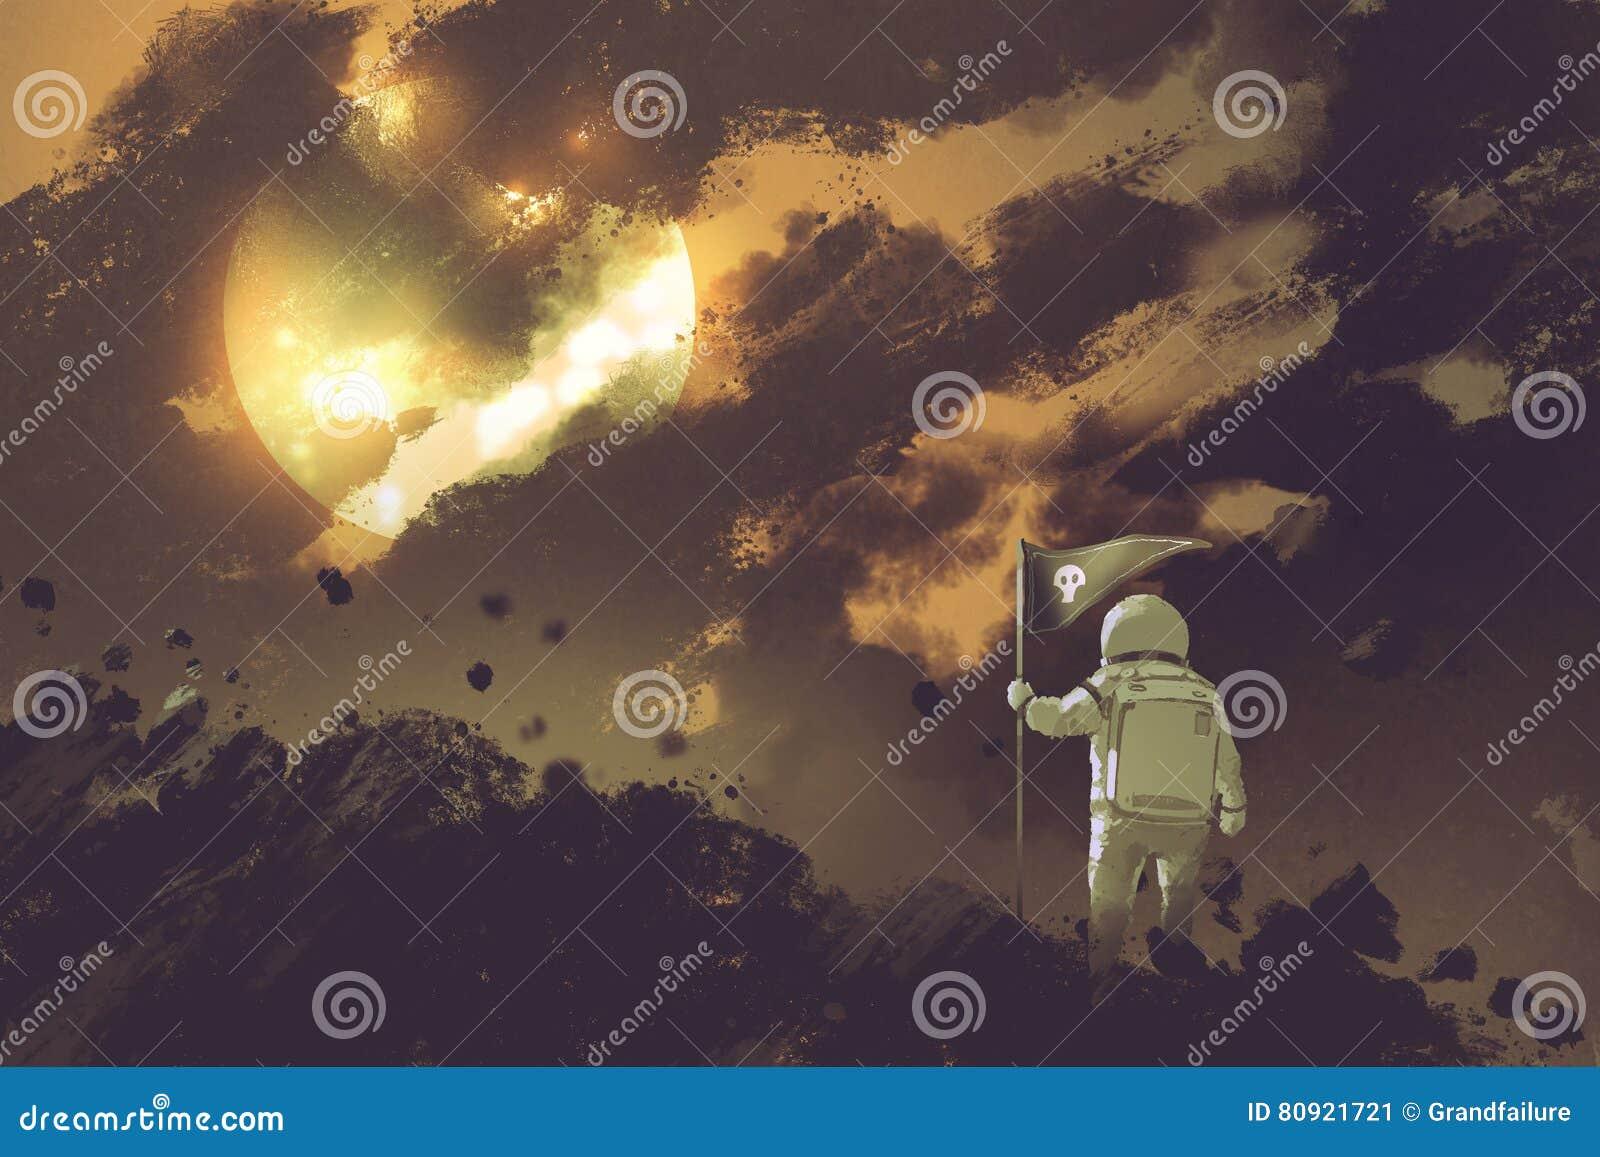 Astronauta con una bandera que se opone en la montaña a un cielo nublado